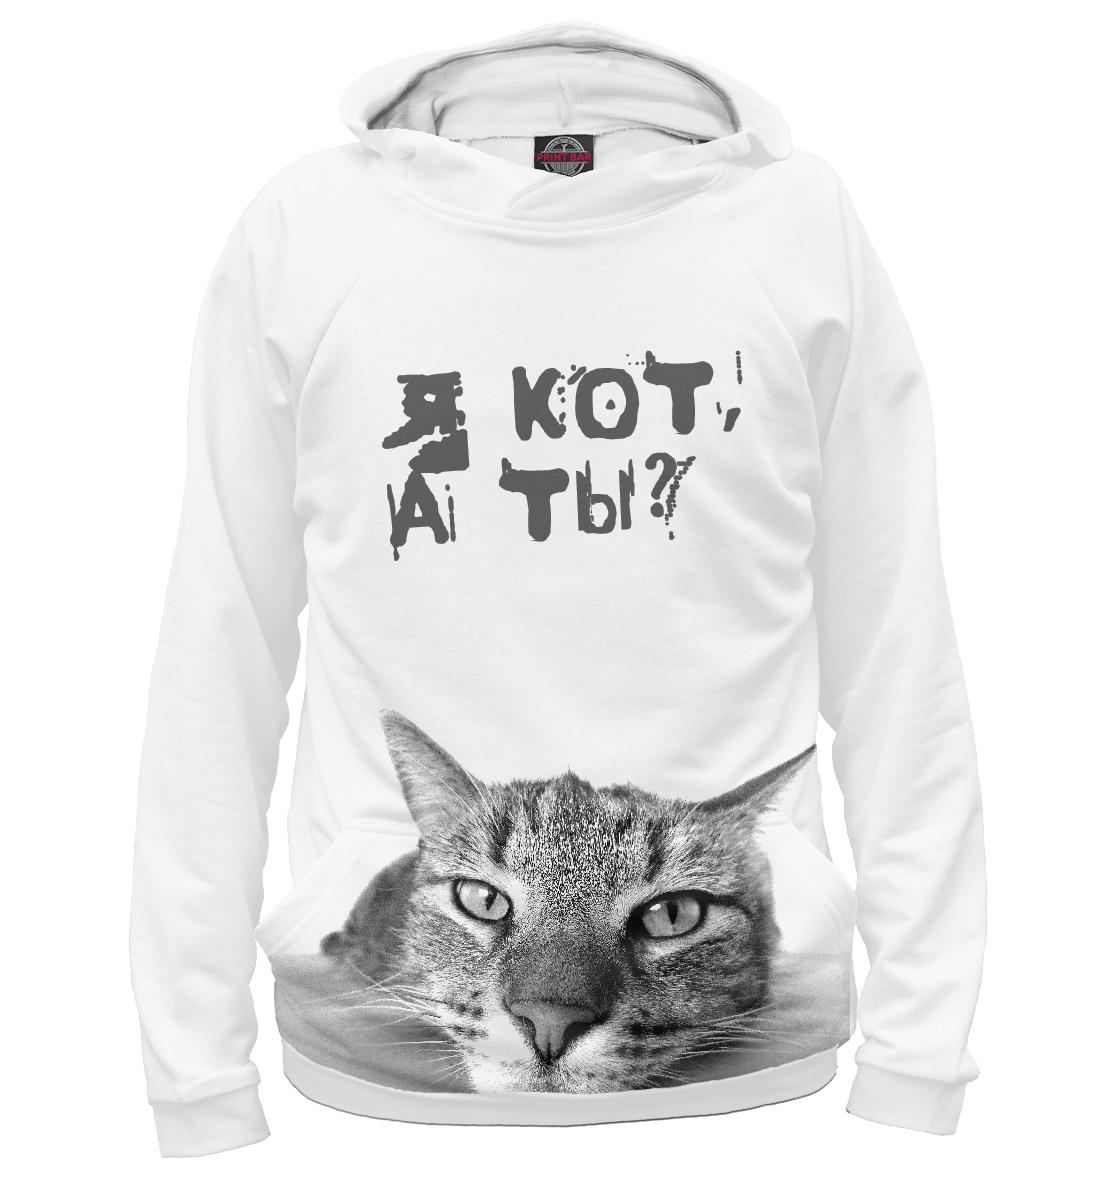 Фото - Я Кот внутри я кот